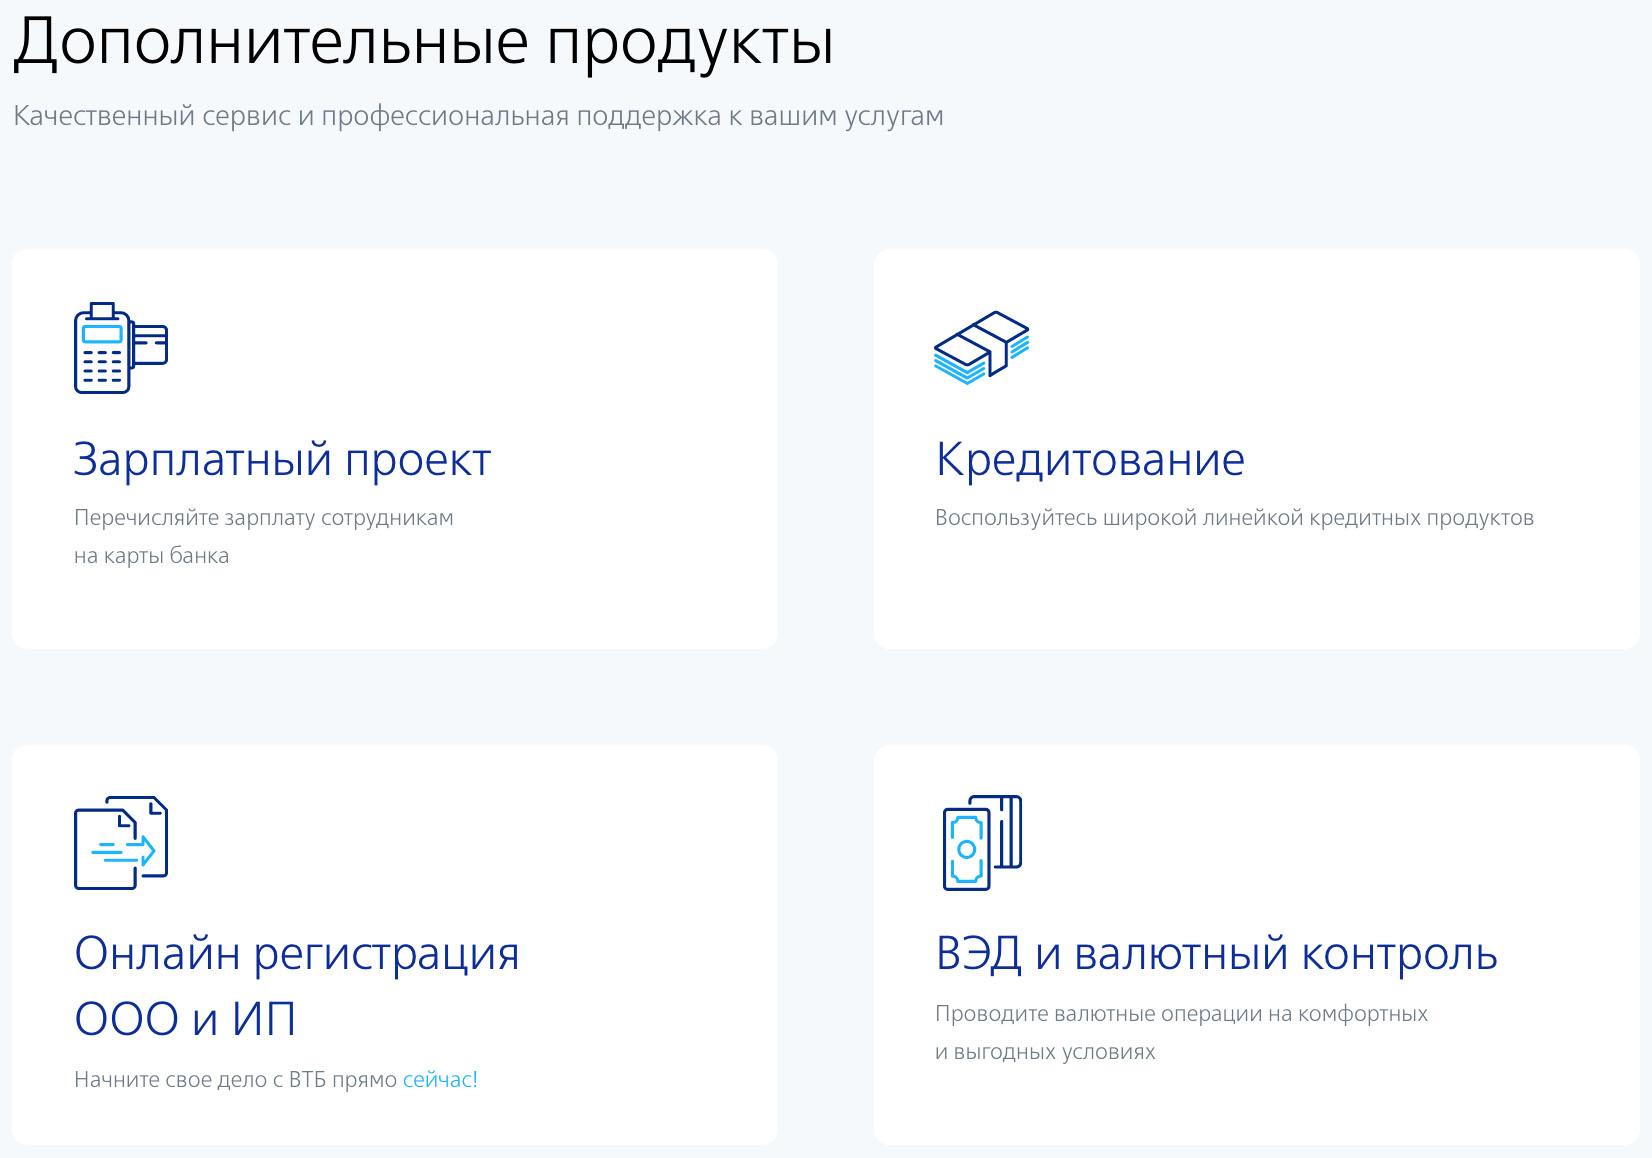 Микрозаймы онлайн на киви кошелек без отказа rsb24.ru